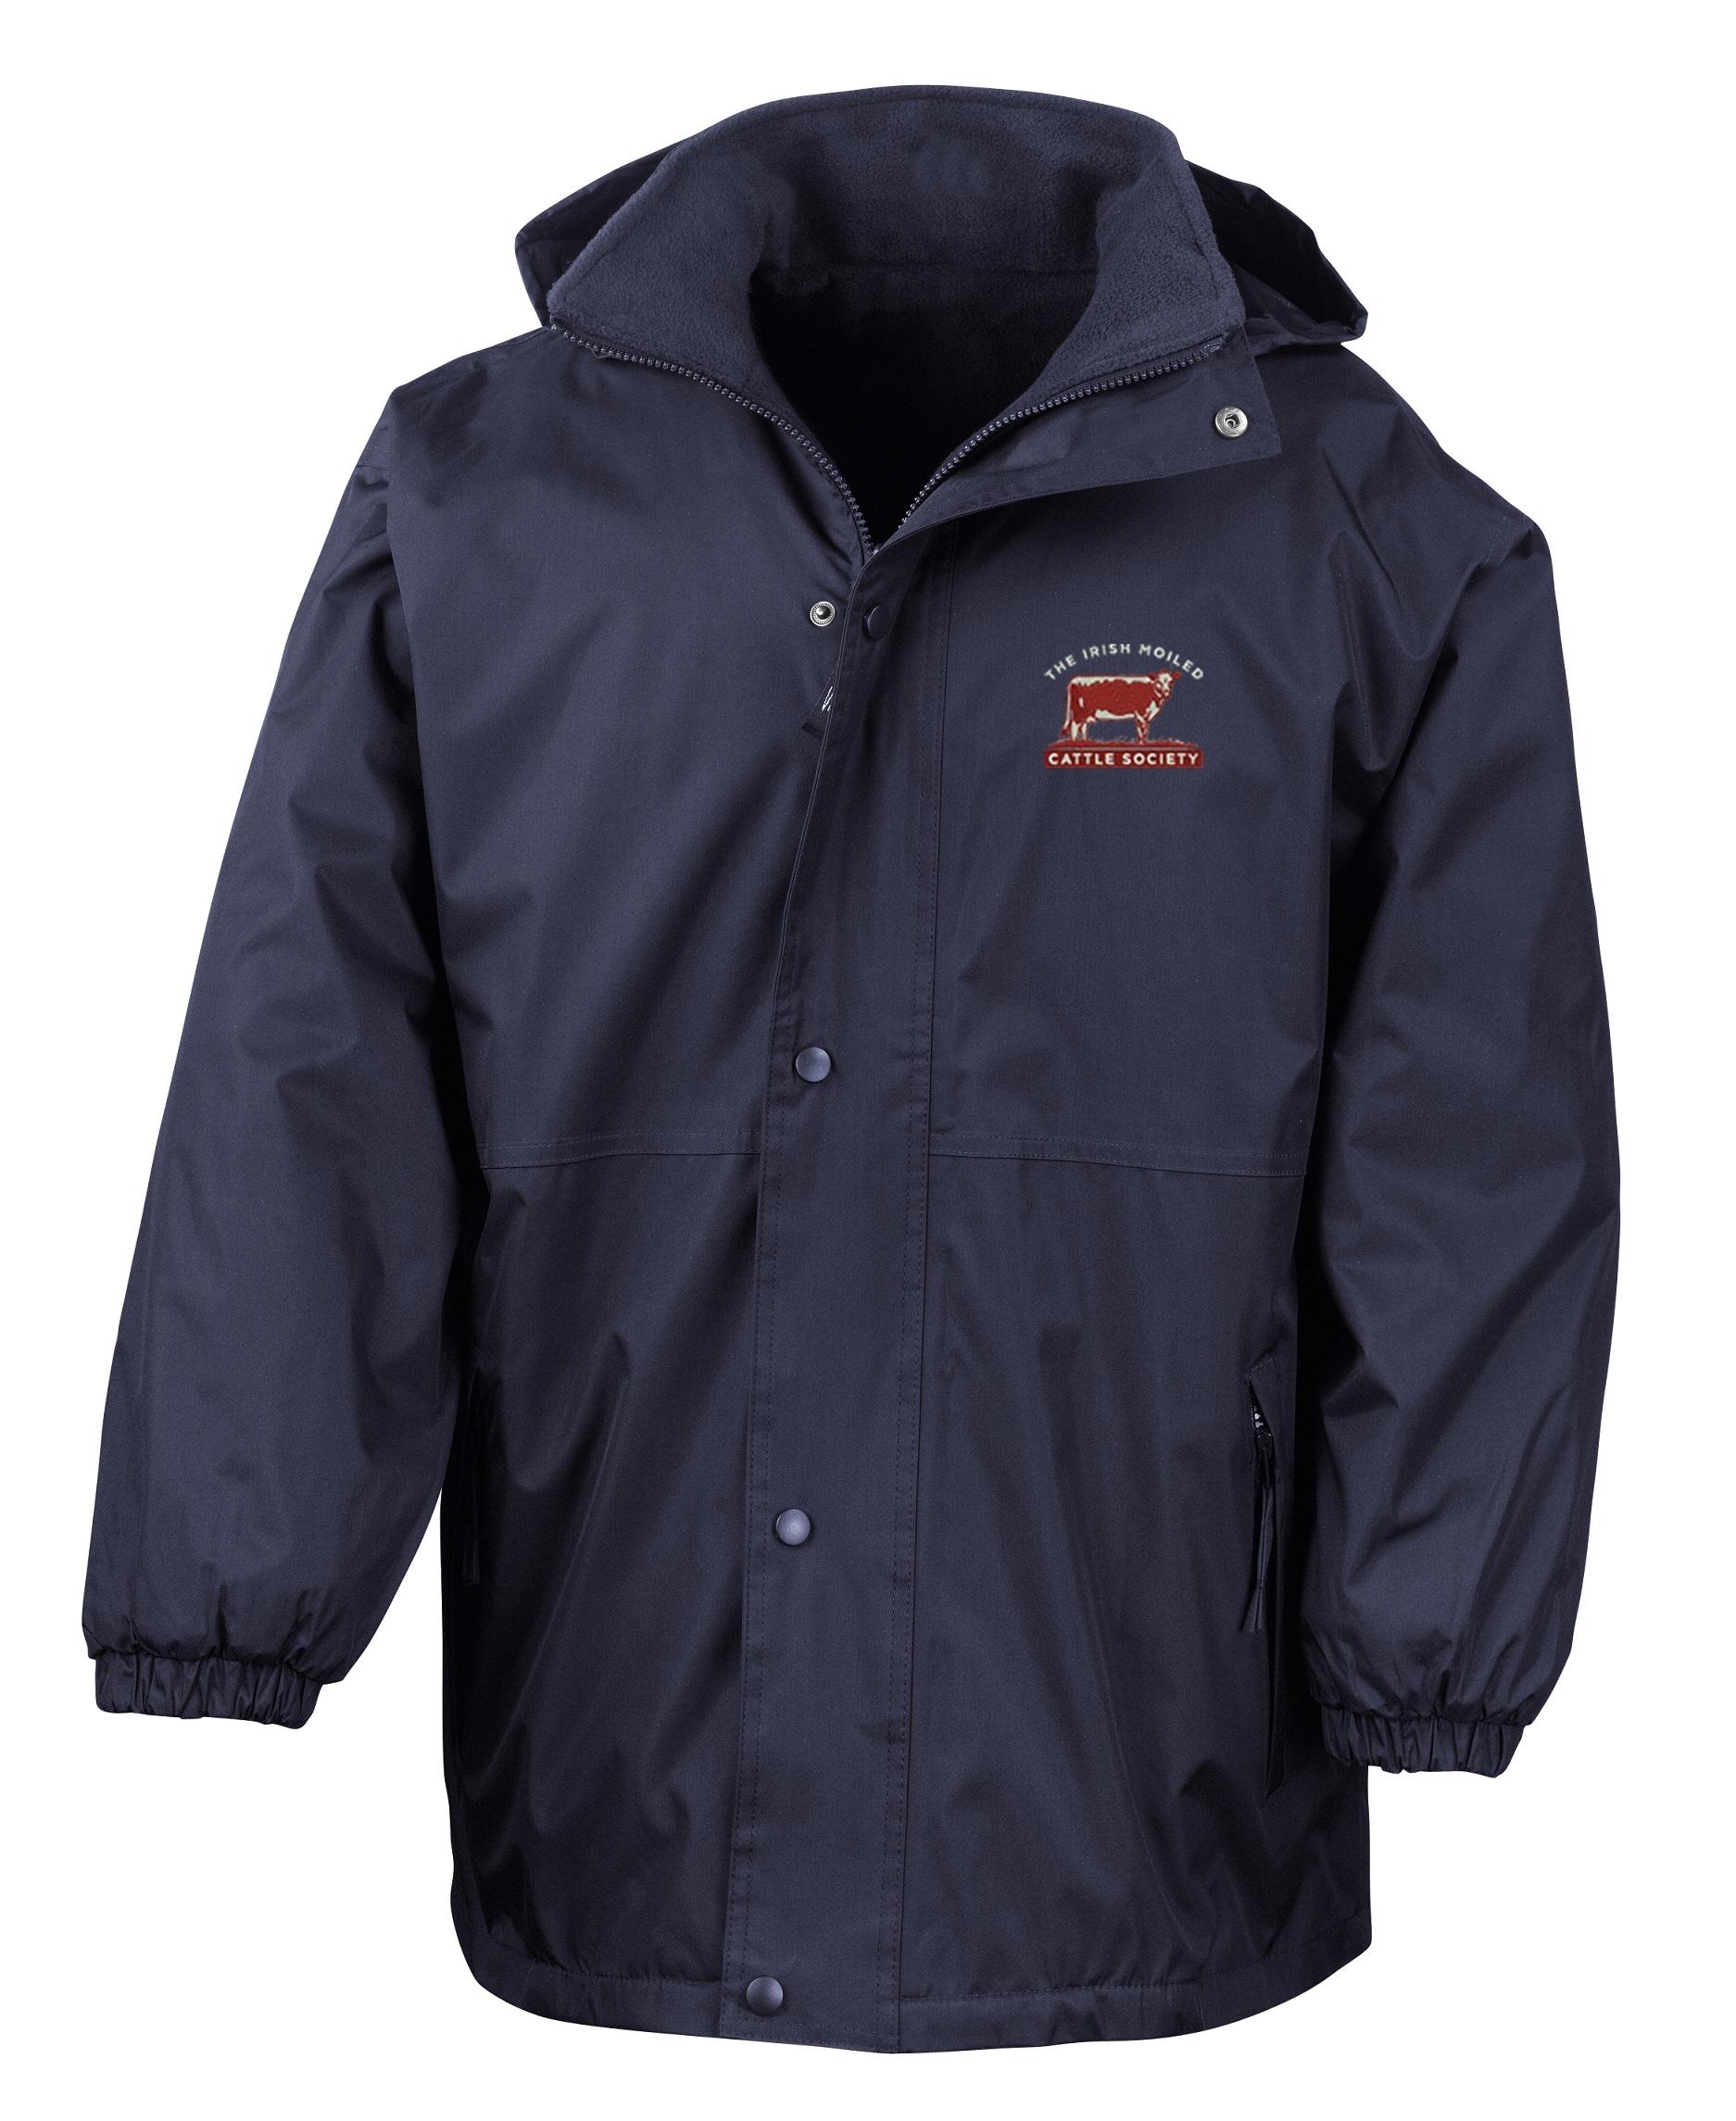 Irish Moiled Child Result reversible StormDri 4000 jacket